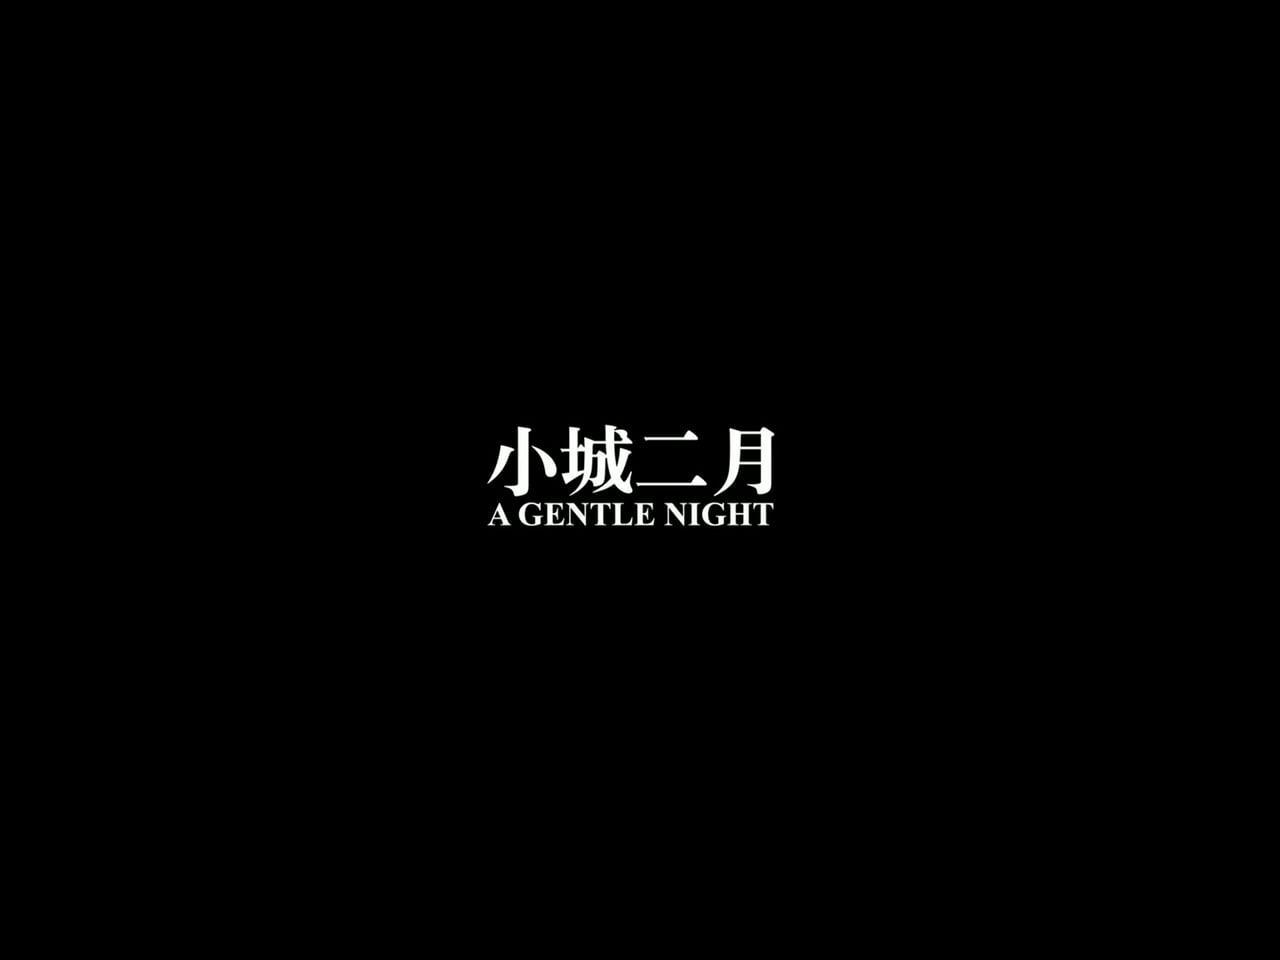 画像1: 小城二月 | A Gentle Night | Xiao Cheng Er Yue - Trailer vimeo.com